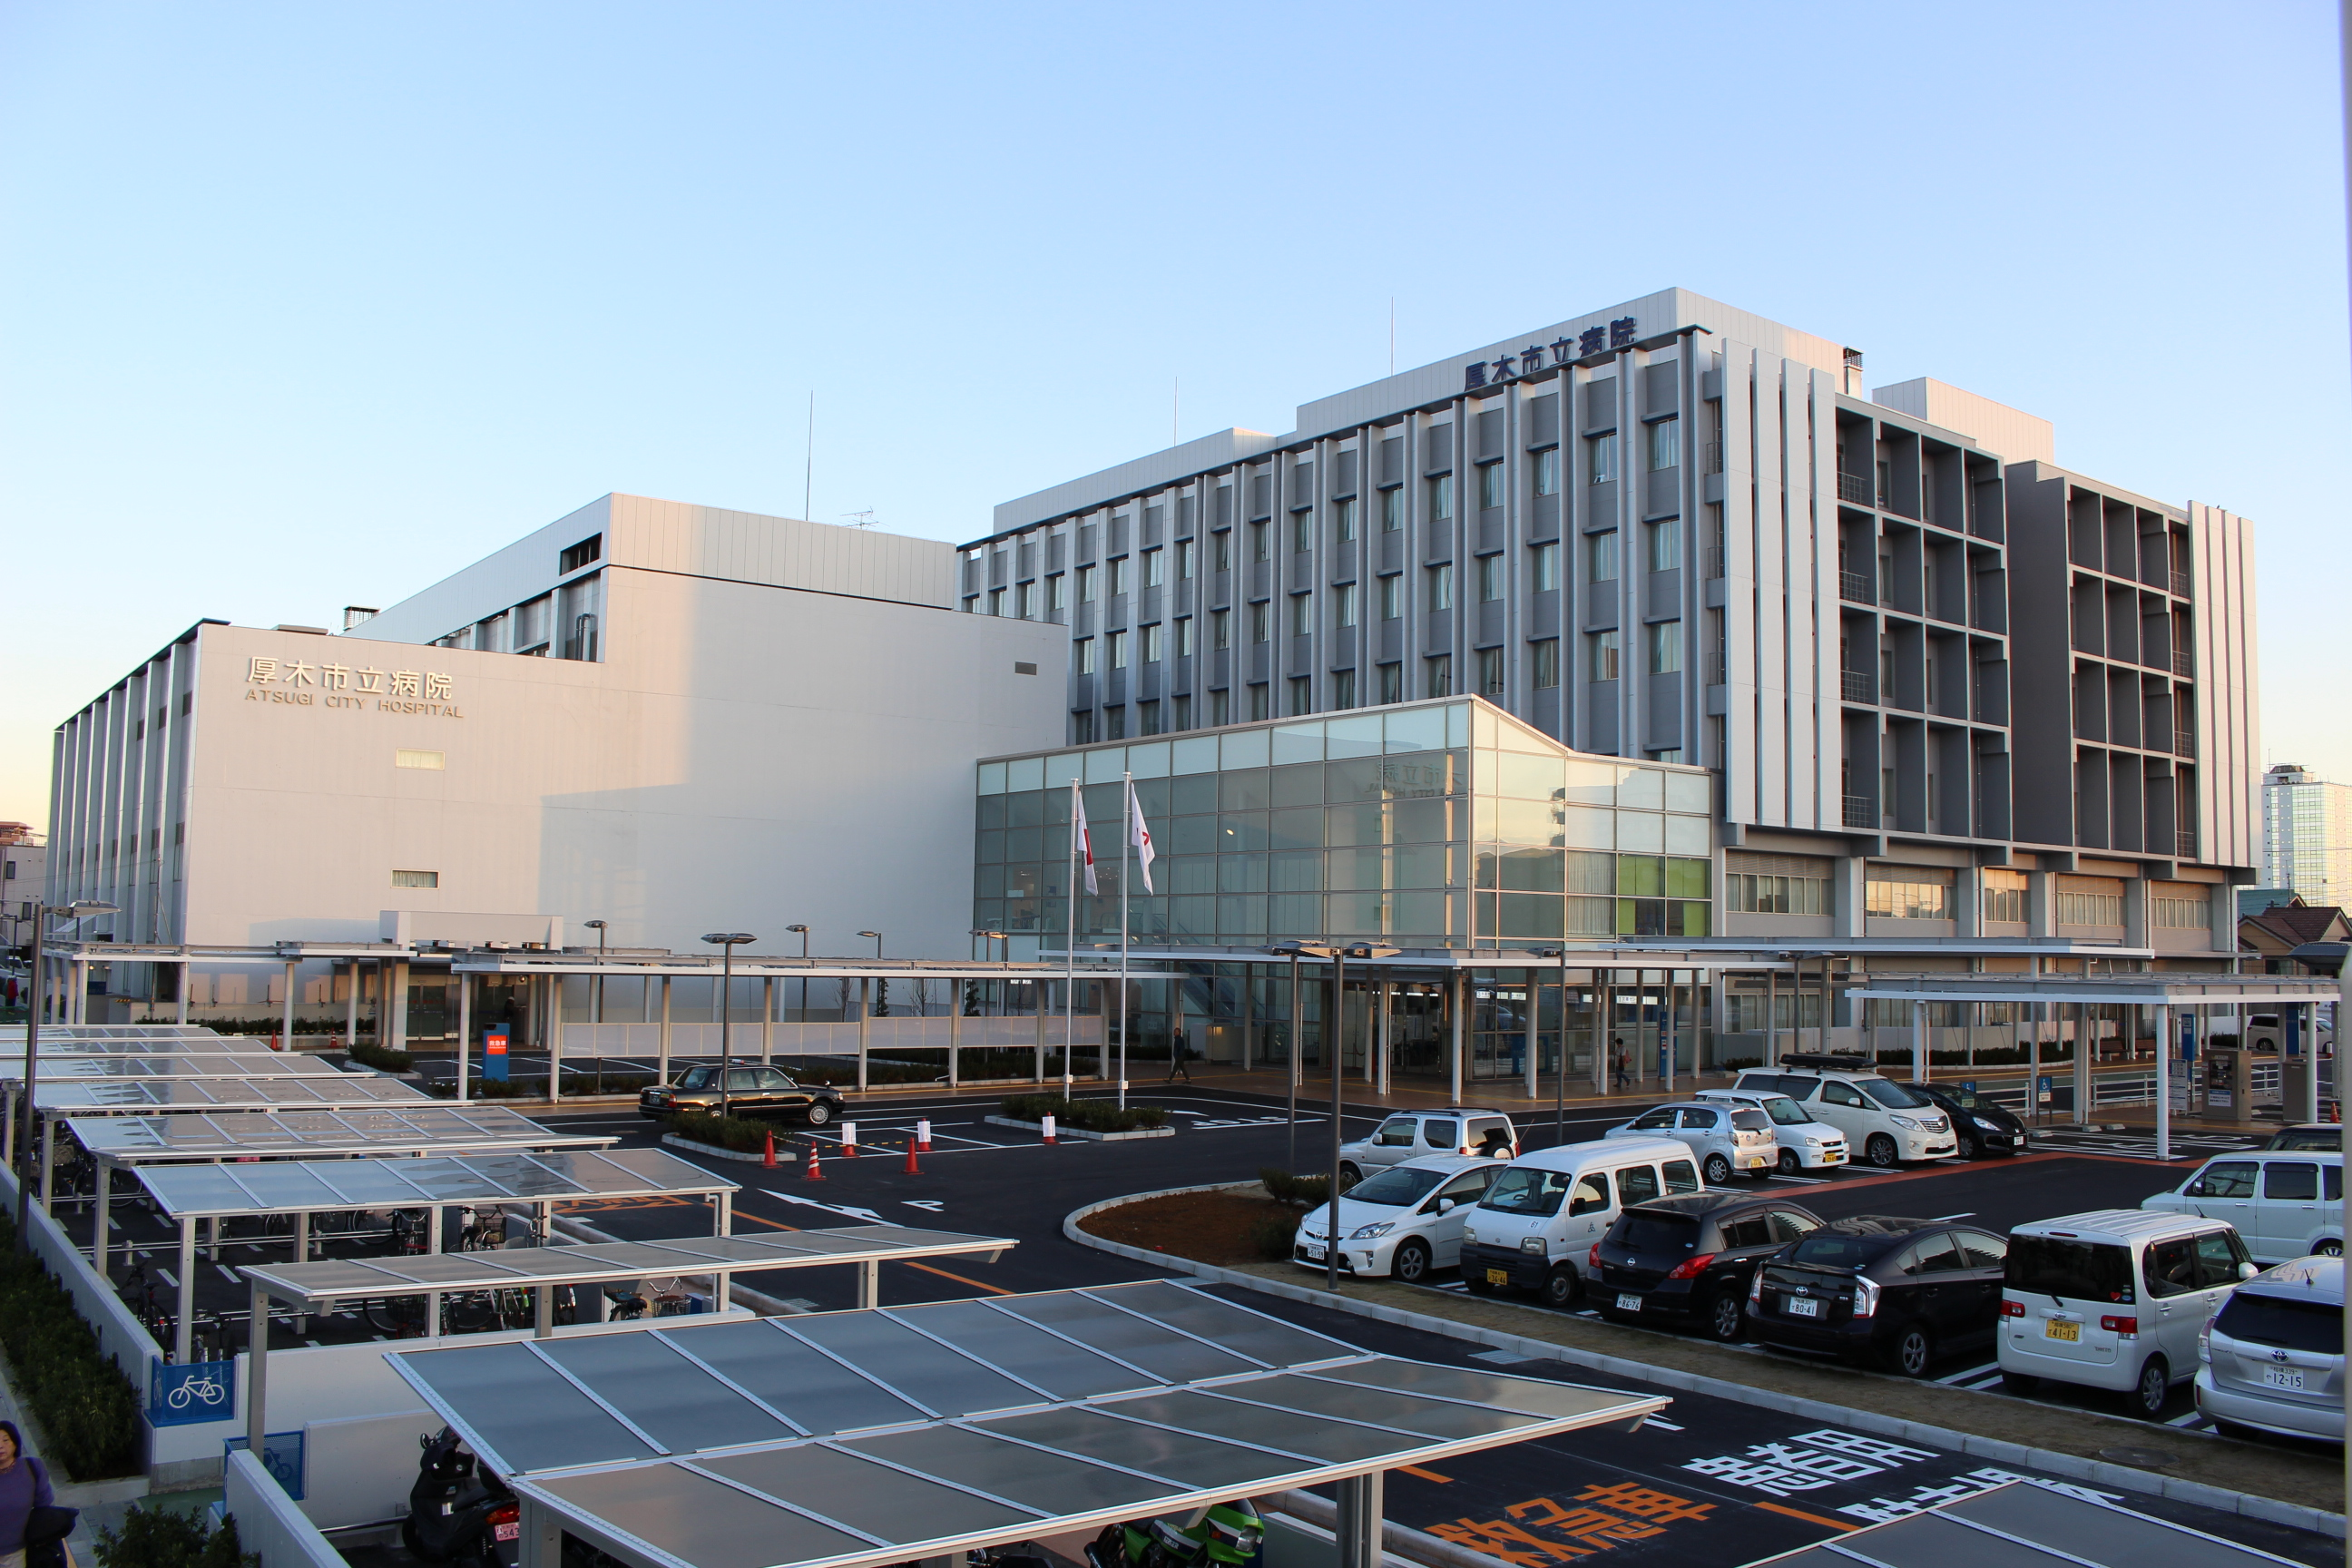 「厚木市立病院(神奈川県厚木市水引1-16-36)」の画像検索結果